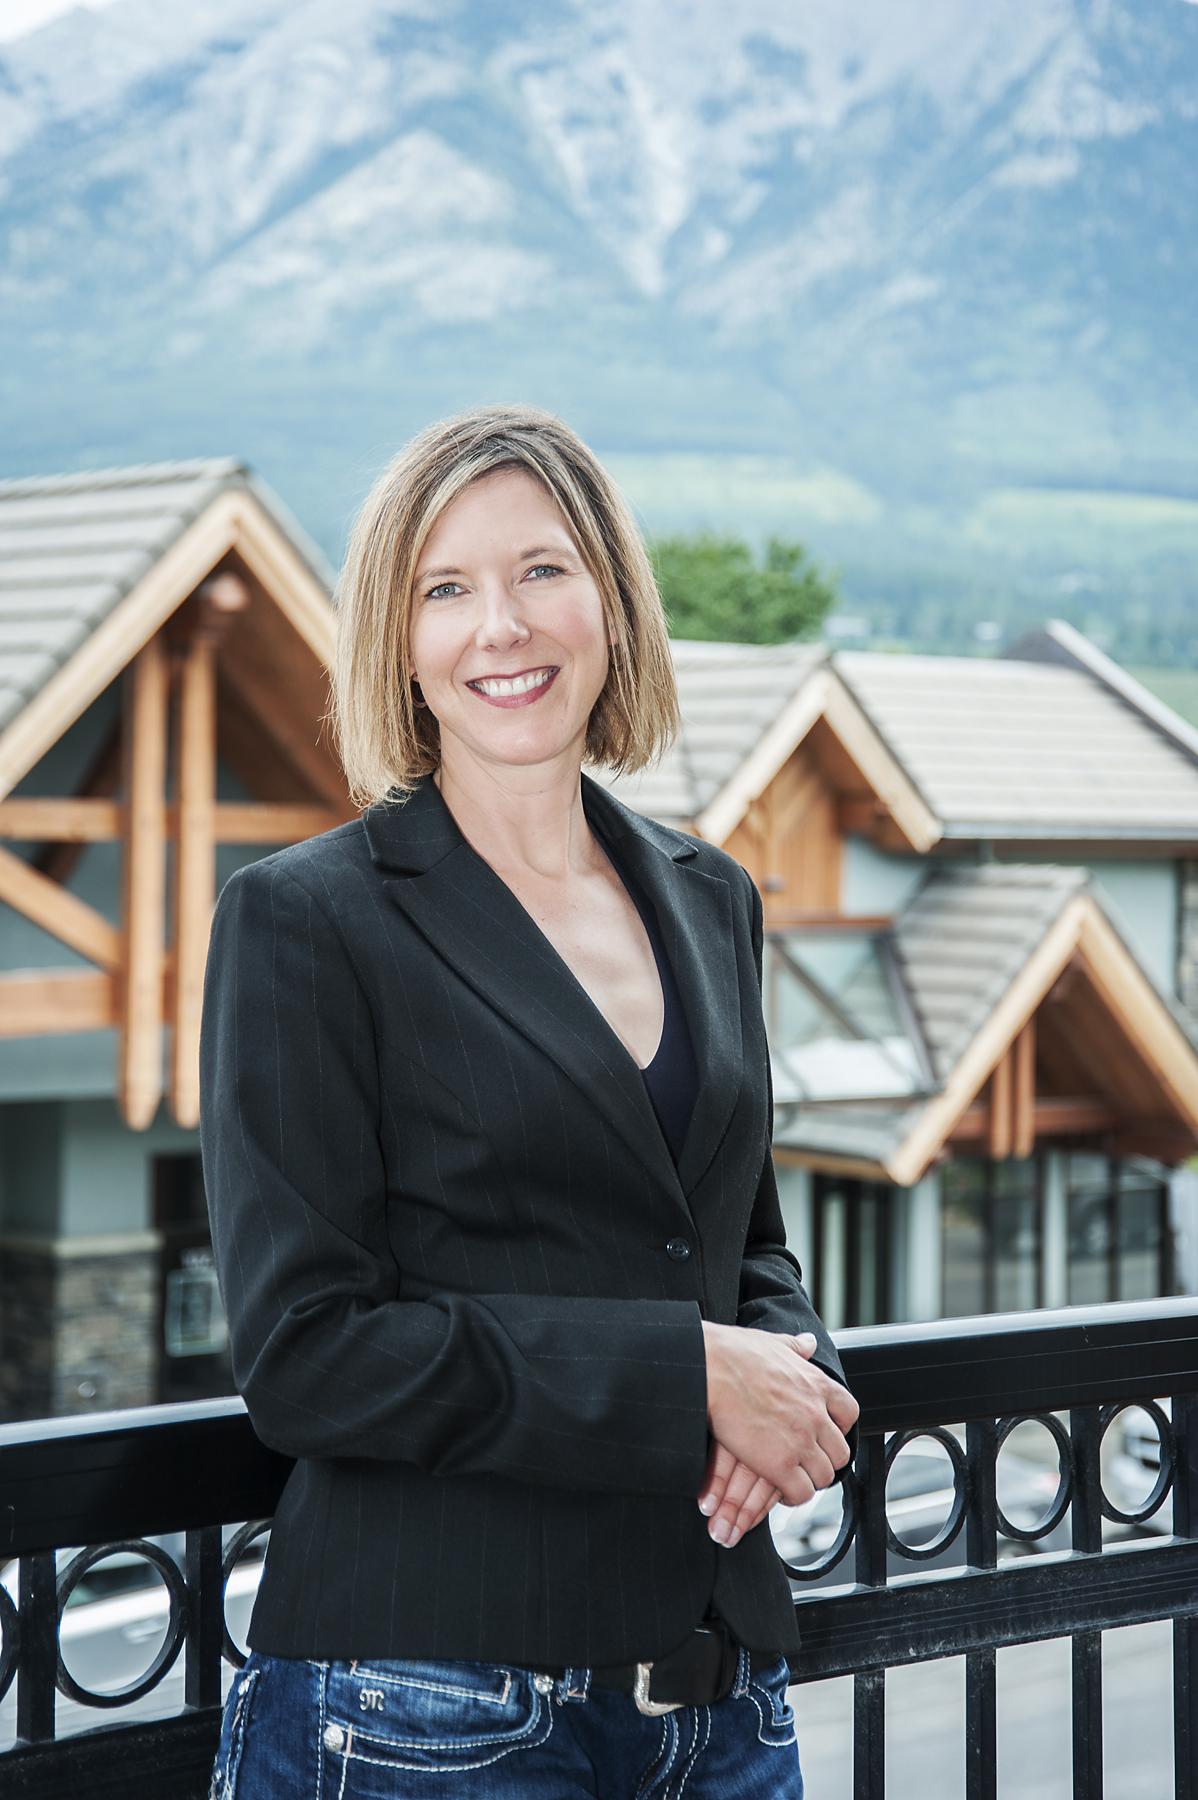 2014 Corporate Portrait, Jessica Stoner